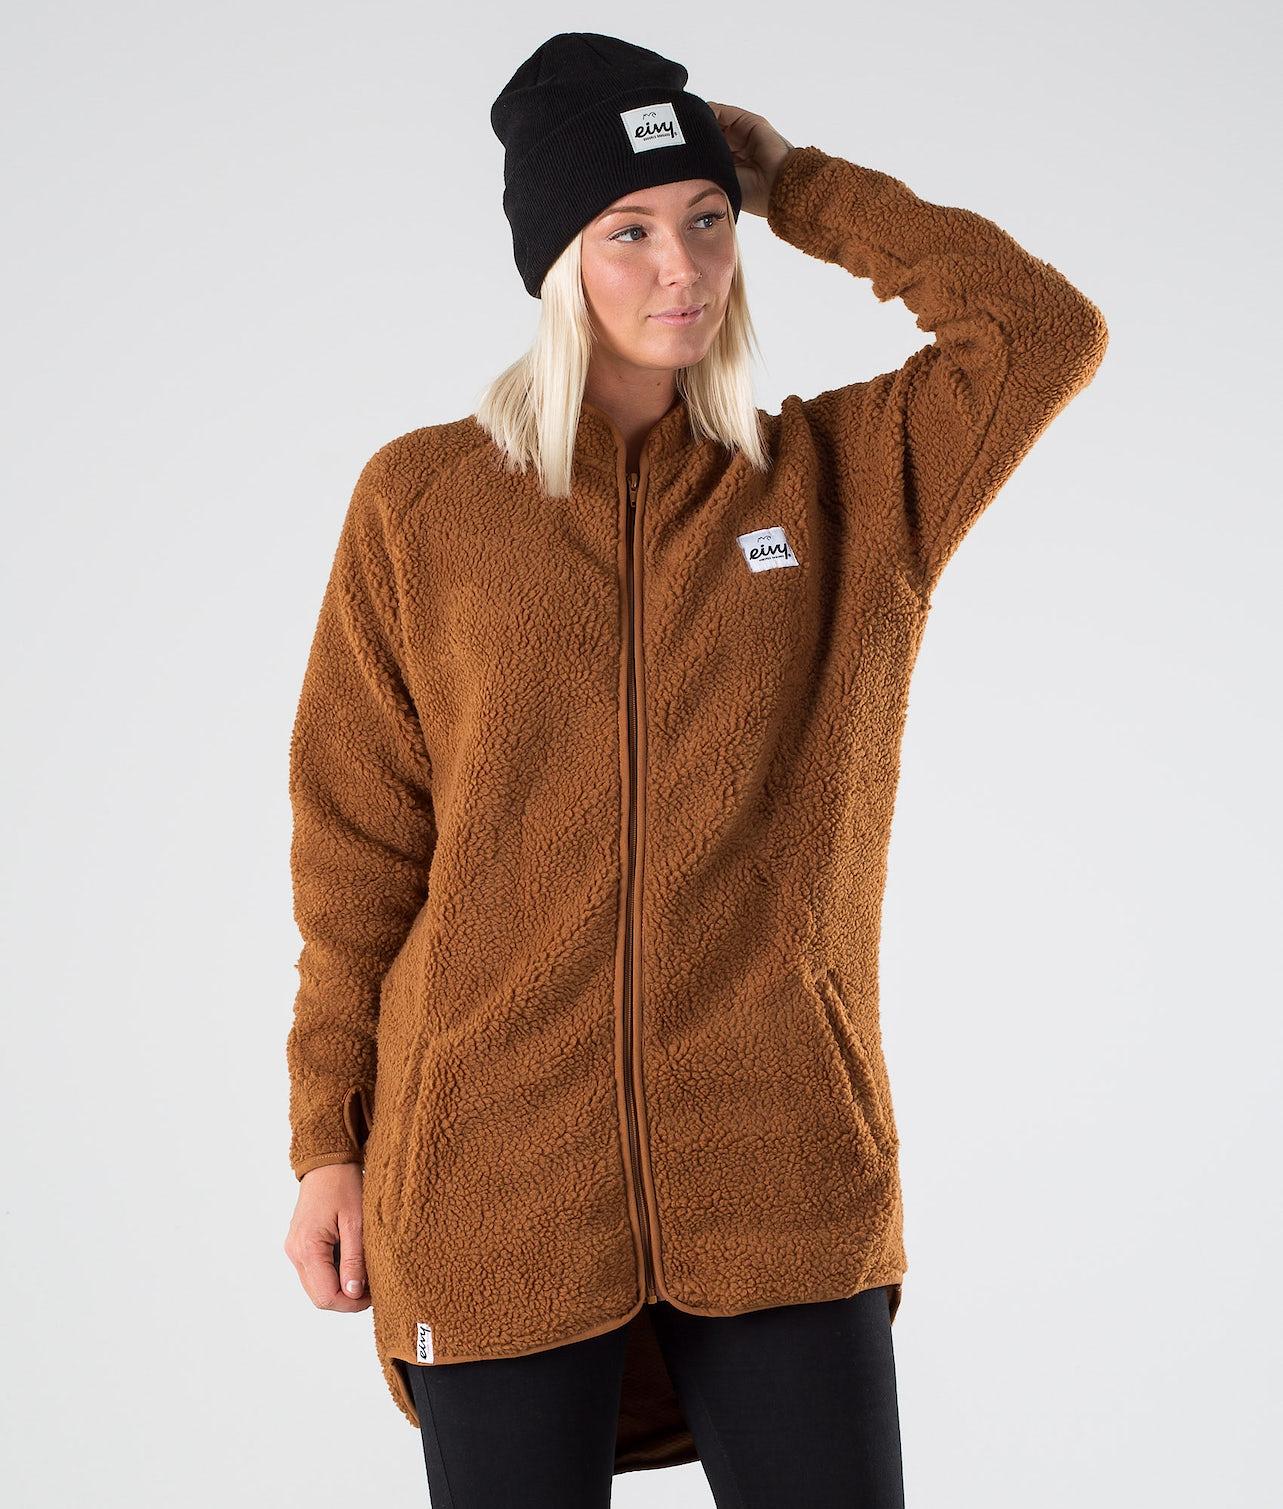 Kjøp Redwood Sherpa Coat Jakke fra Eivy på Ridestore.no - Hos oss har du alltid fri frakt, fri retur og 30 dagers åpent kjøp!